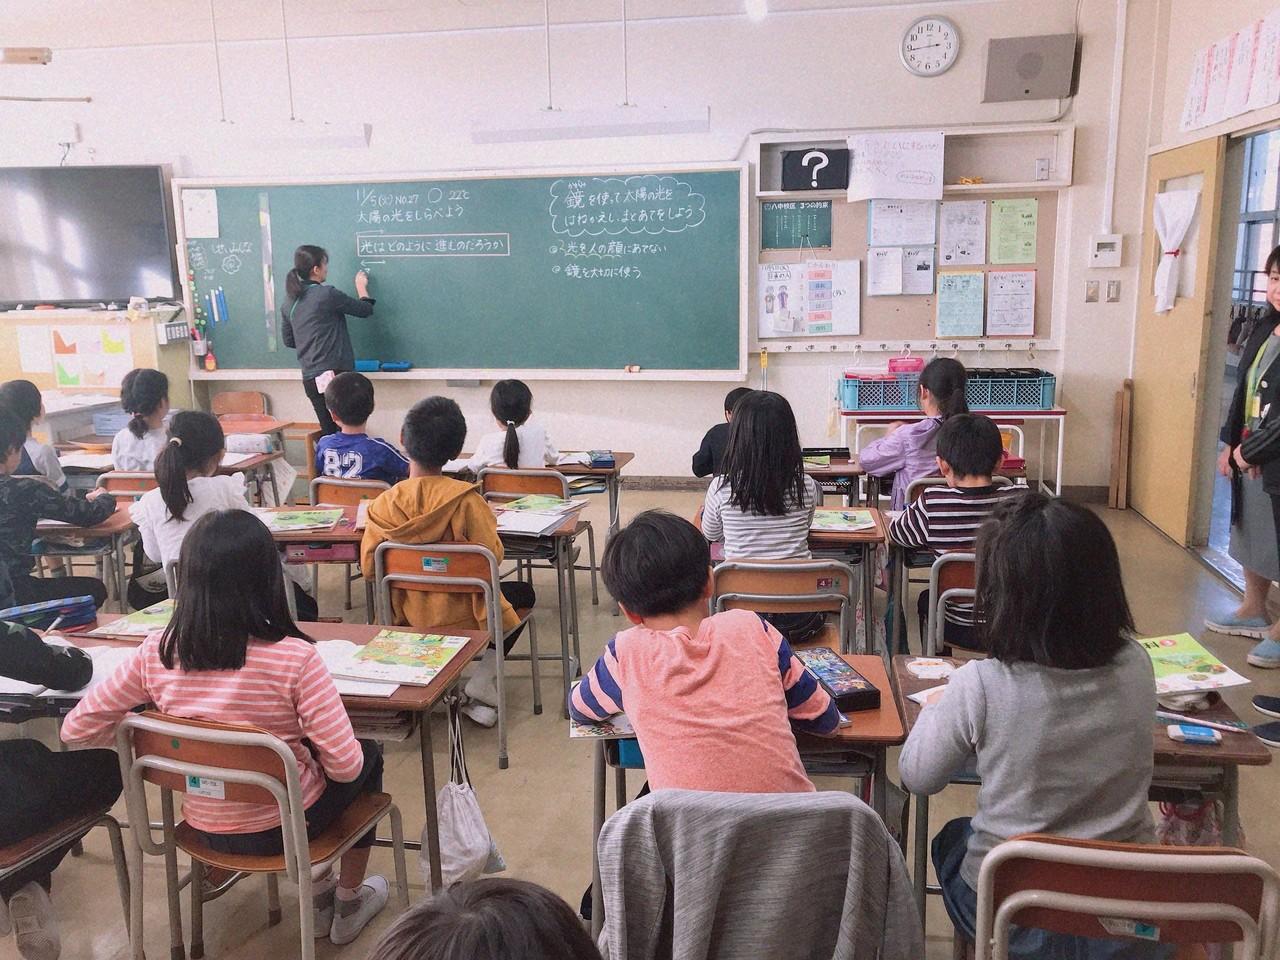 北丘小学校授業中風景